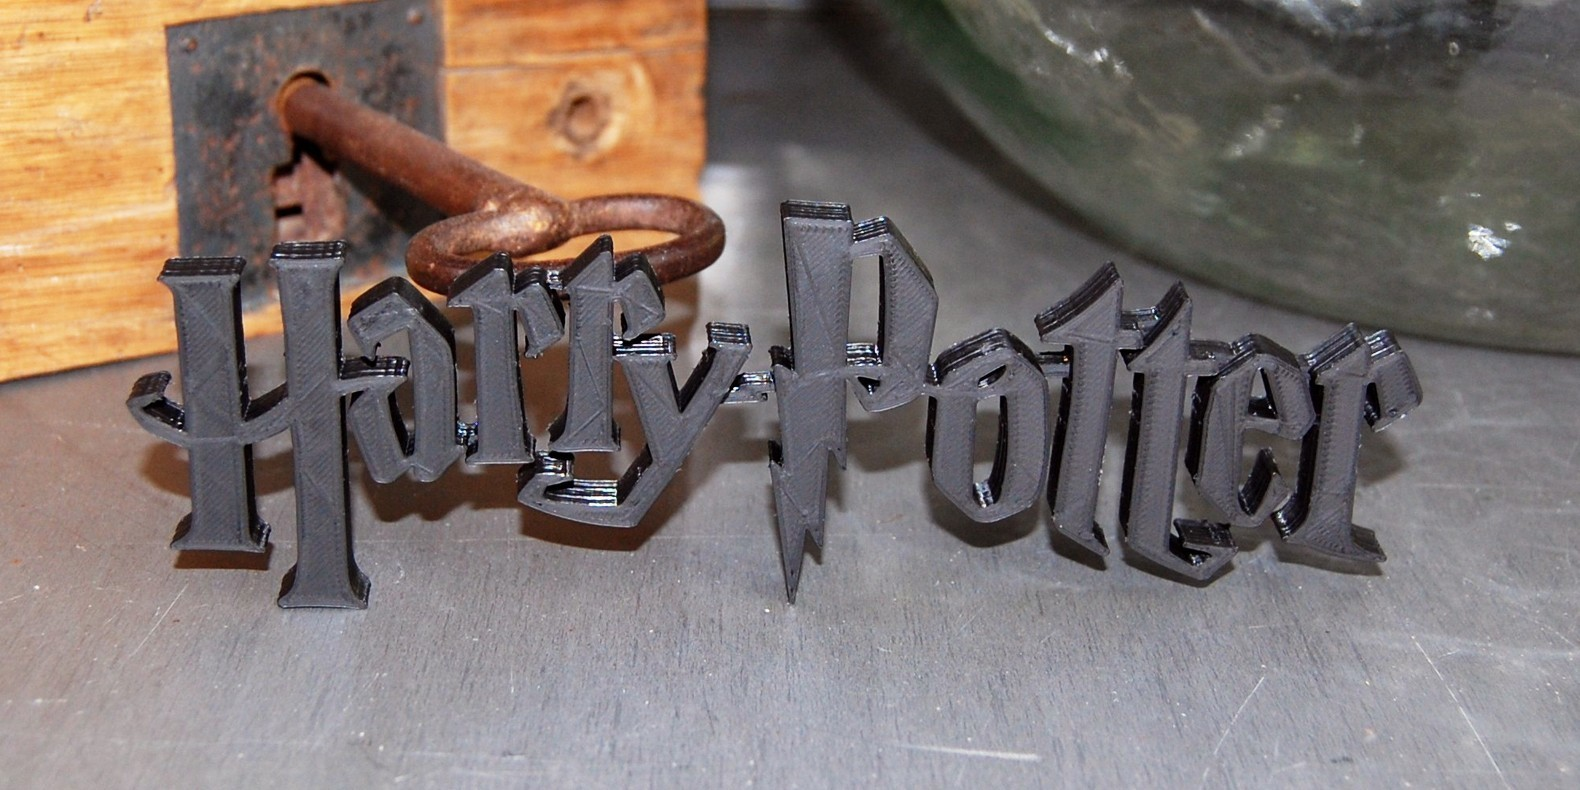 Encuentre aquí una selección de los mejores modelos 3D de Harry Potter para hacer con una impresora 3D